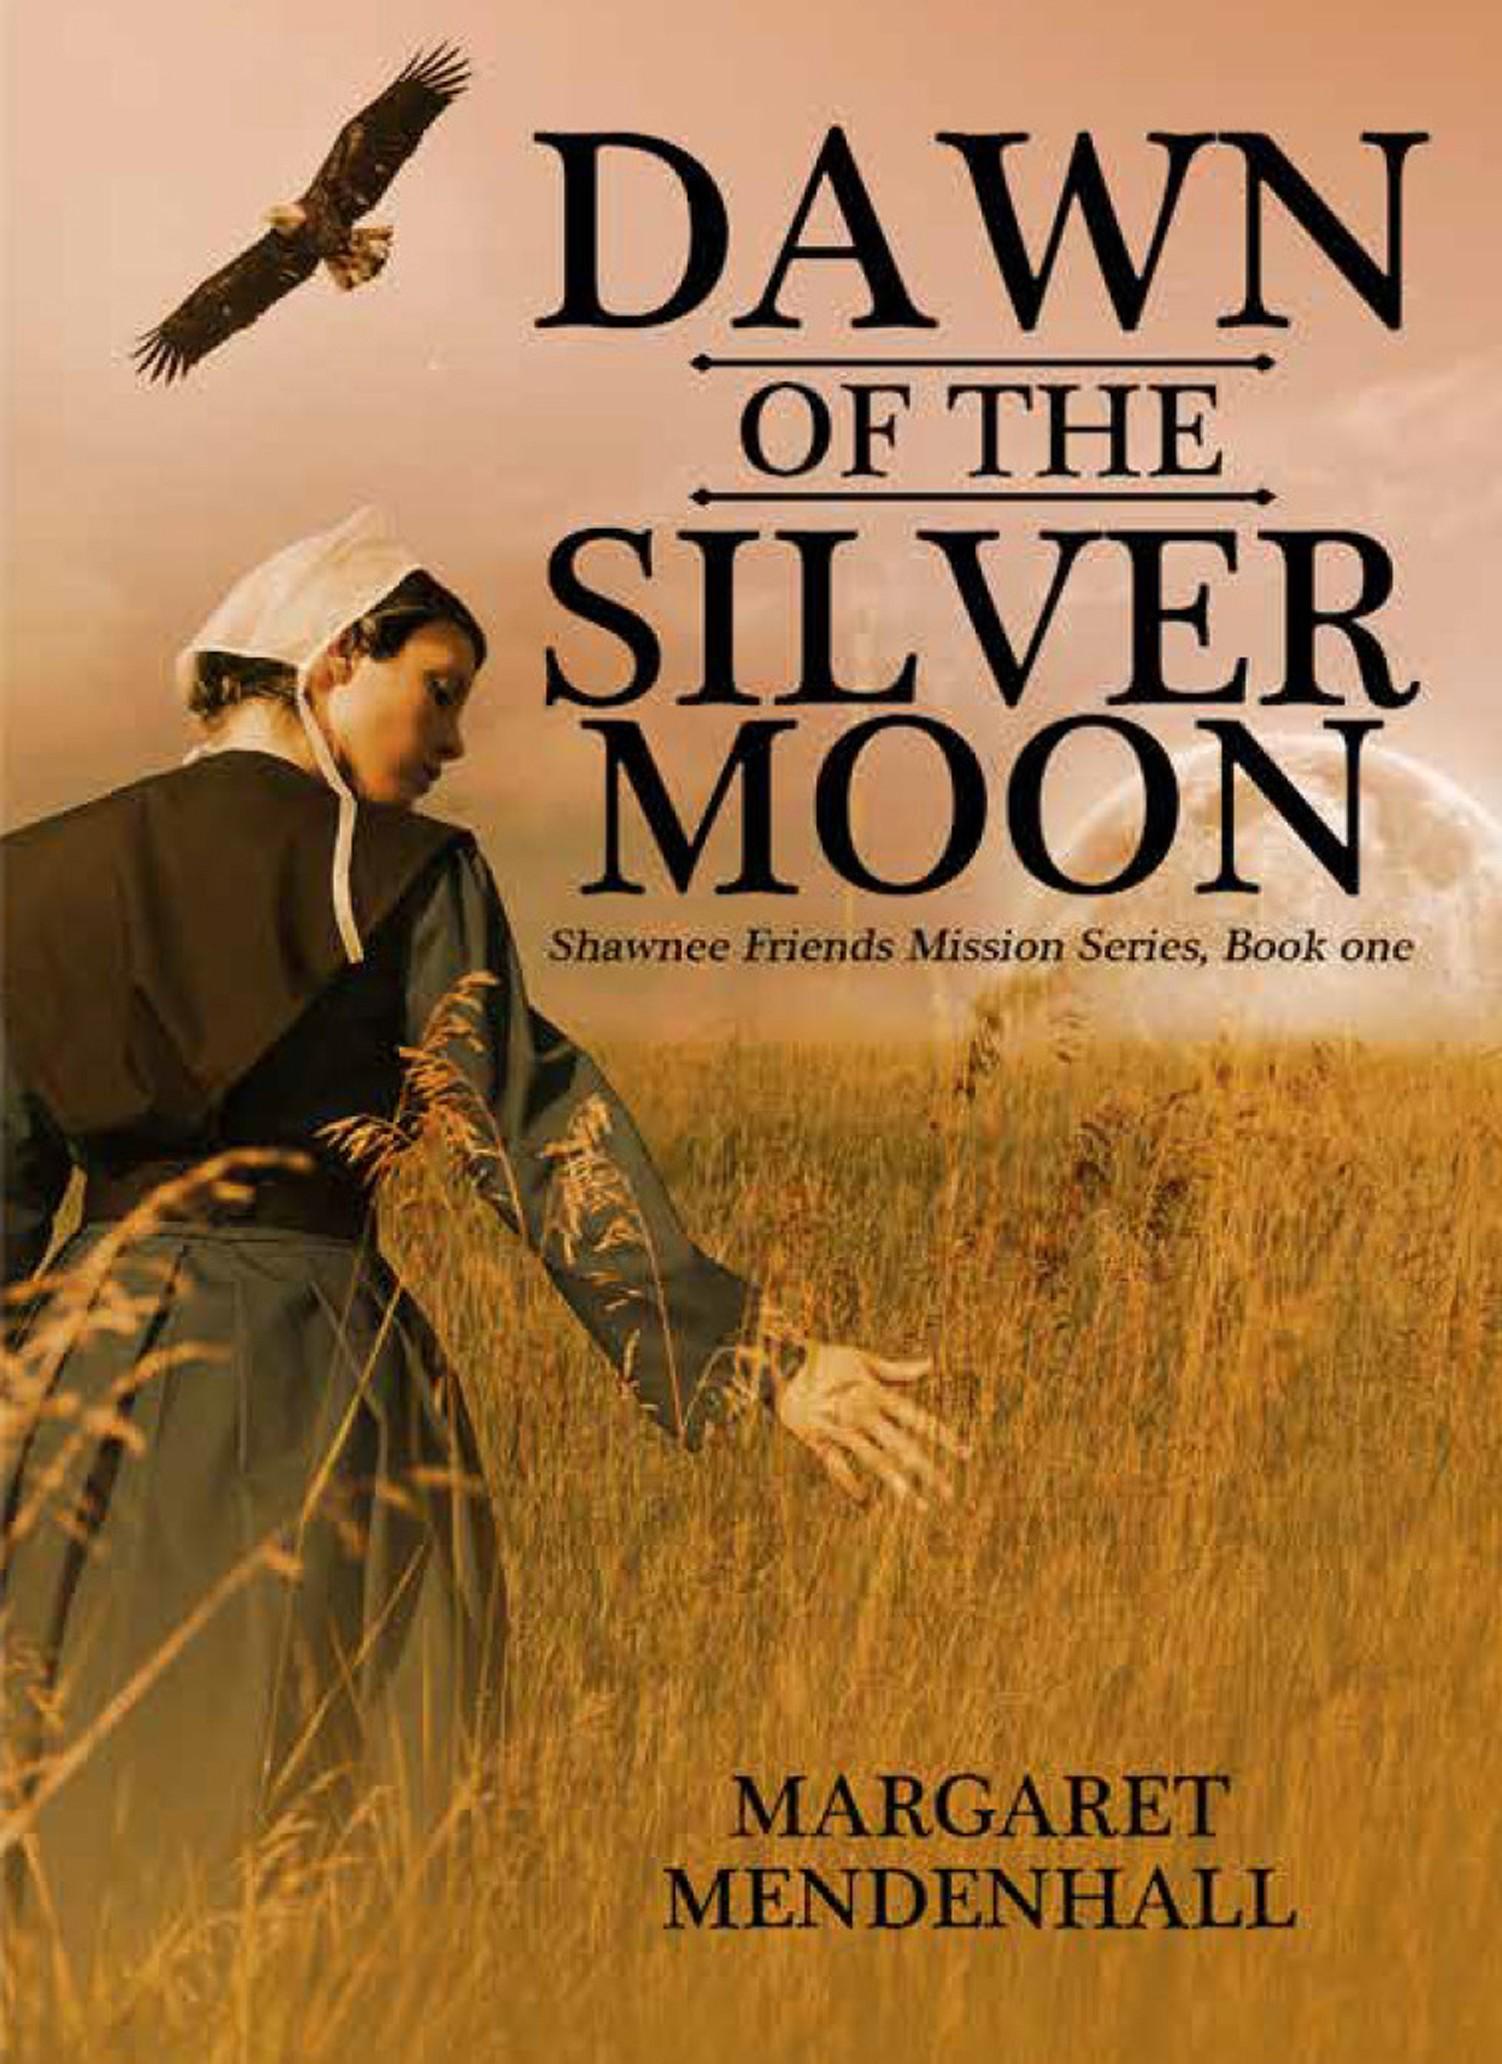 Dawn of Silver Moon.jpg